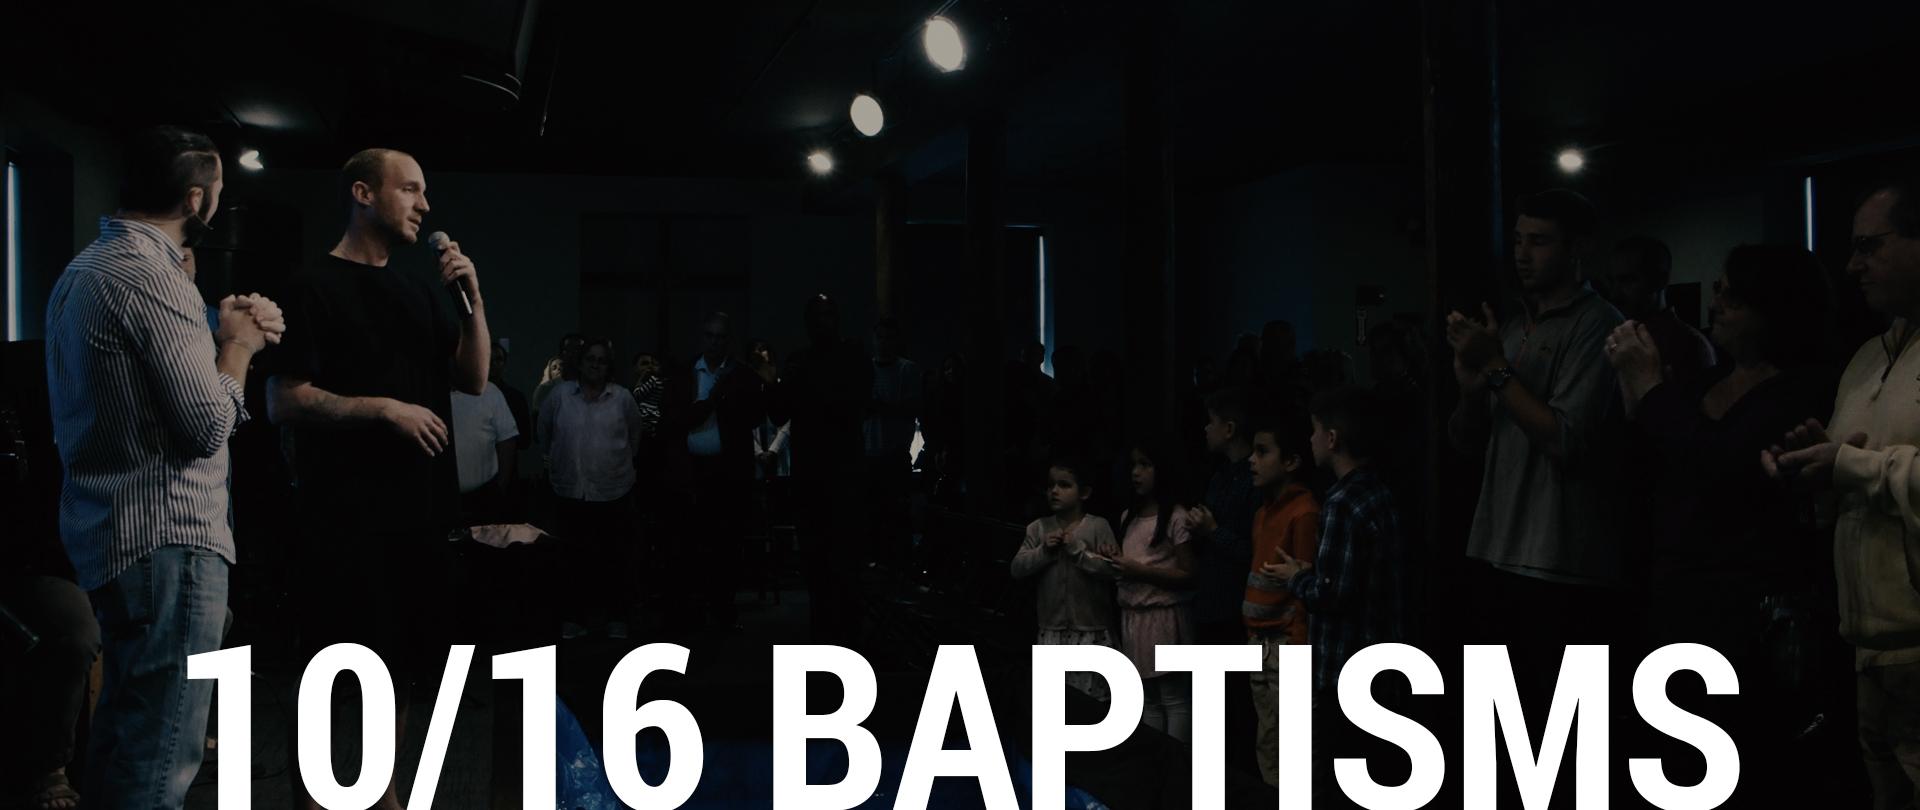 TCC WEBSITE THUMBNAIL 10-16 BAPTISM PHOTOS DARK TEXT ON BOTTOM.jpg